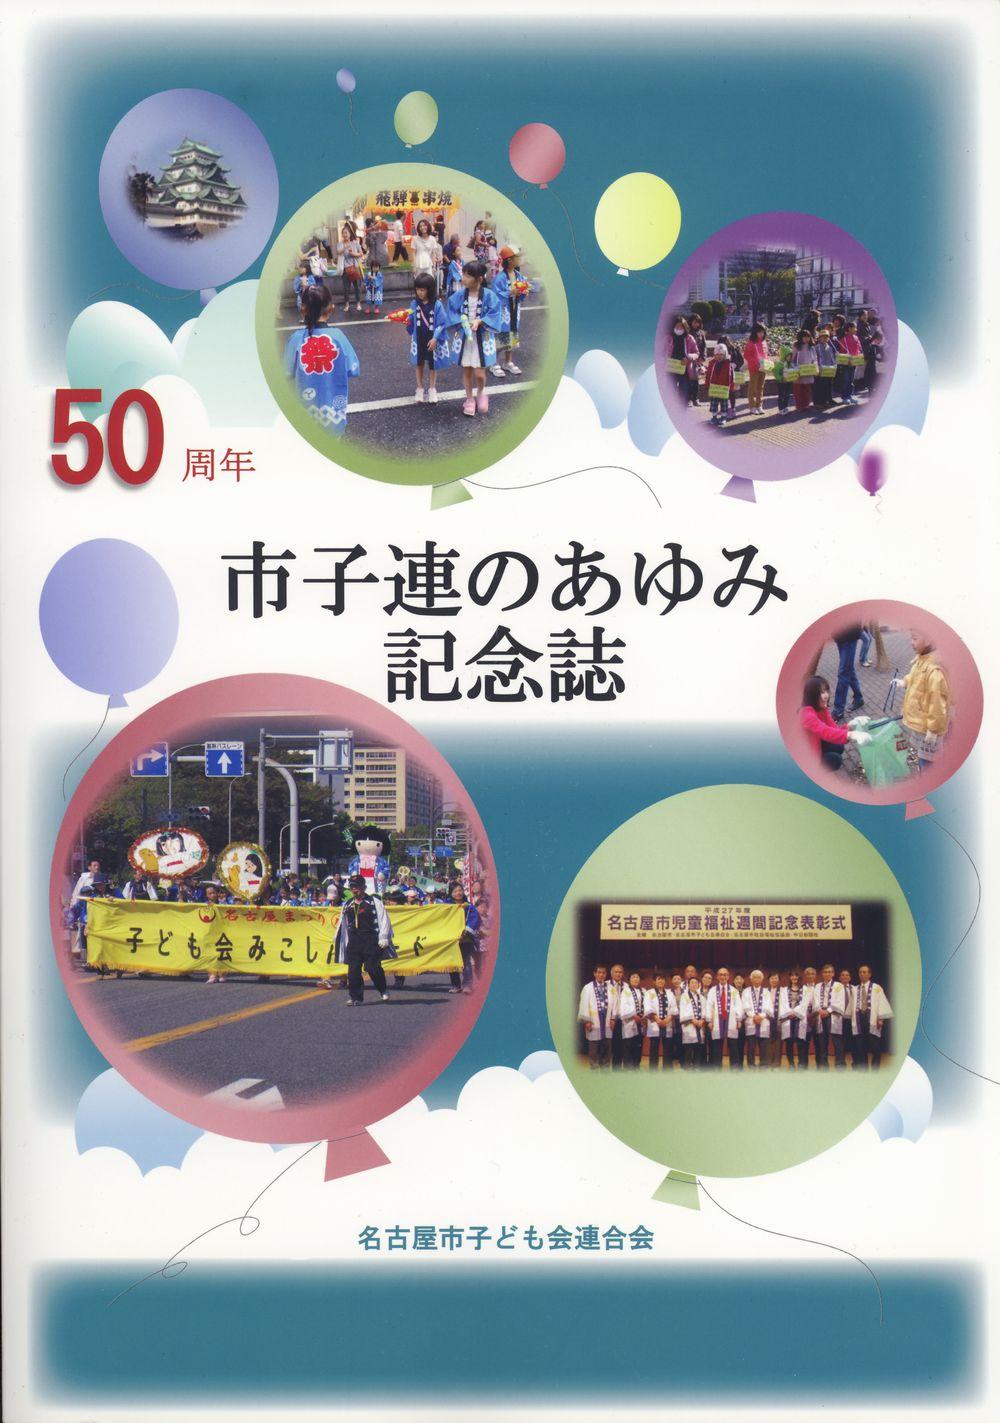 市子連のあゆみ記念誌-ページ00表紙s